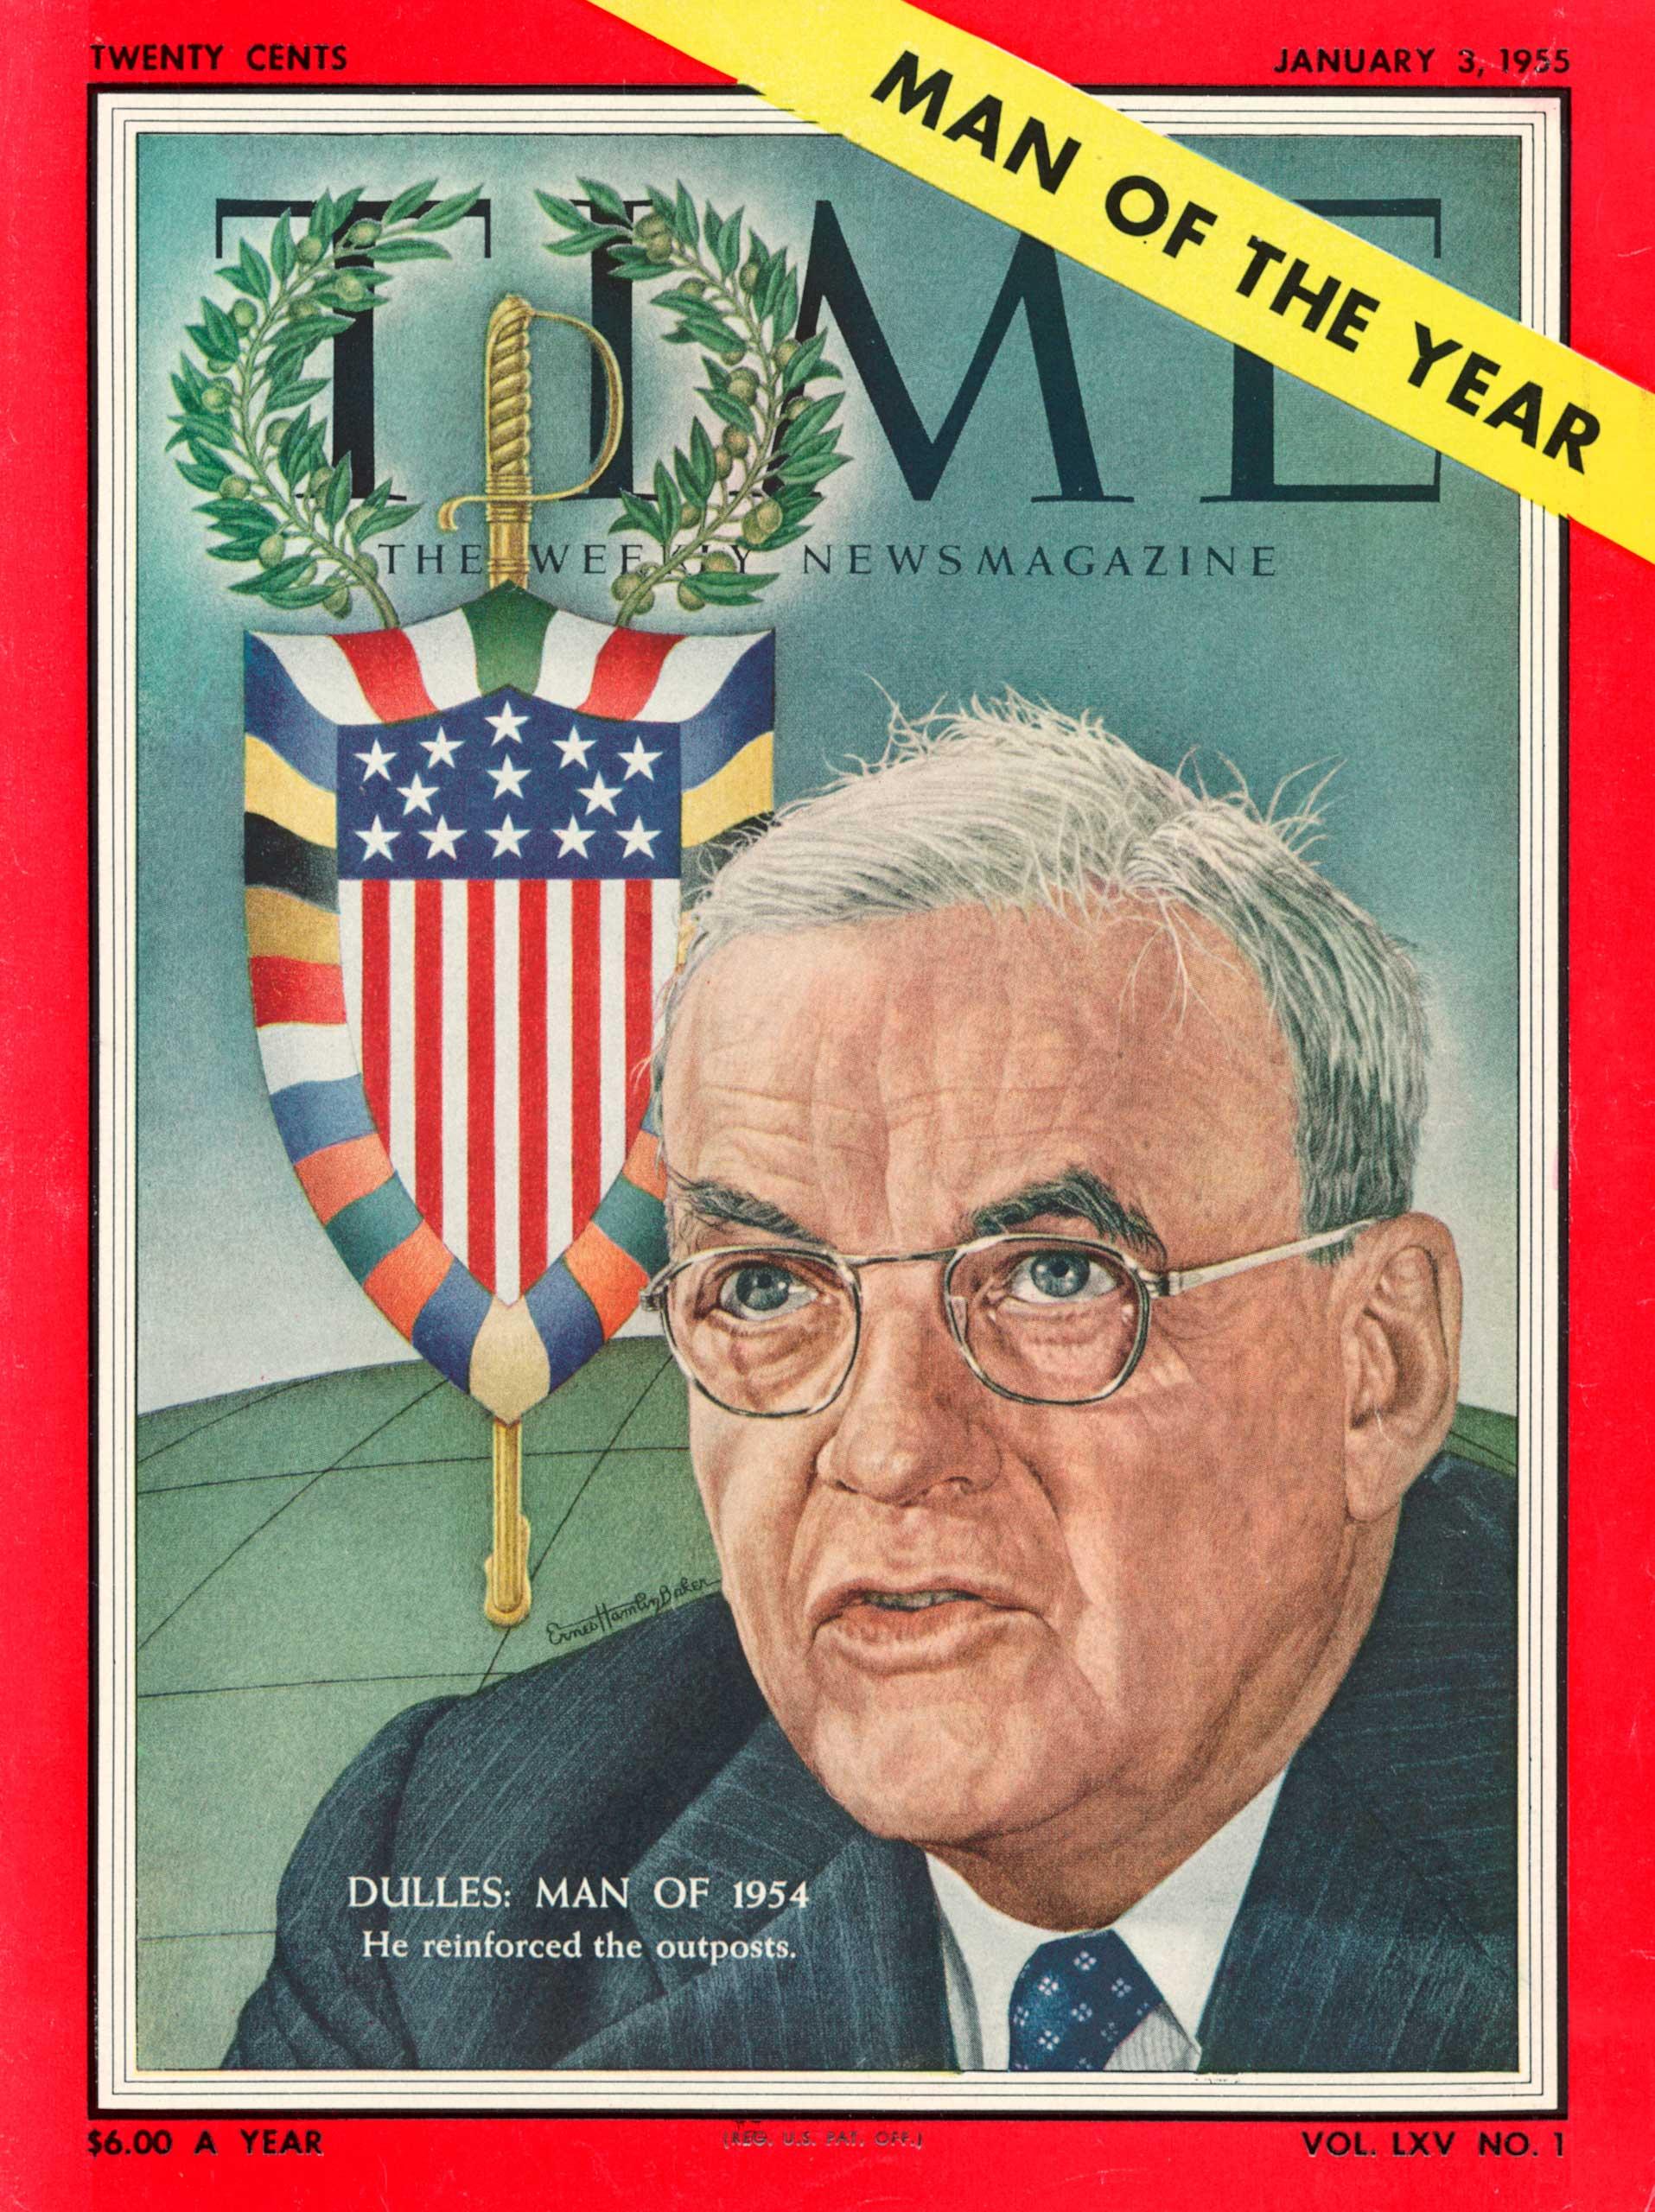 1954: John Foster Dulles